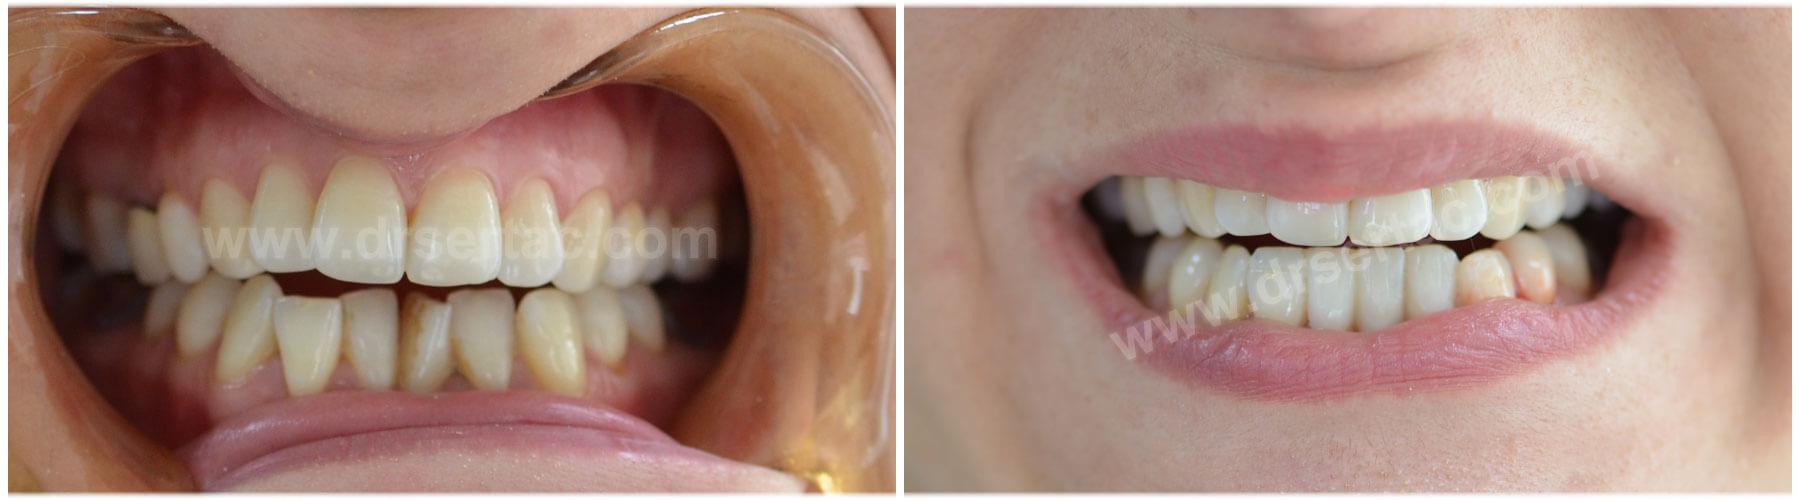 Alt ön diş estetiği için zirkonyum kaplama örnek